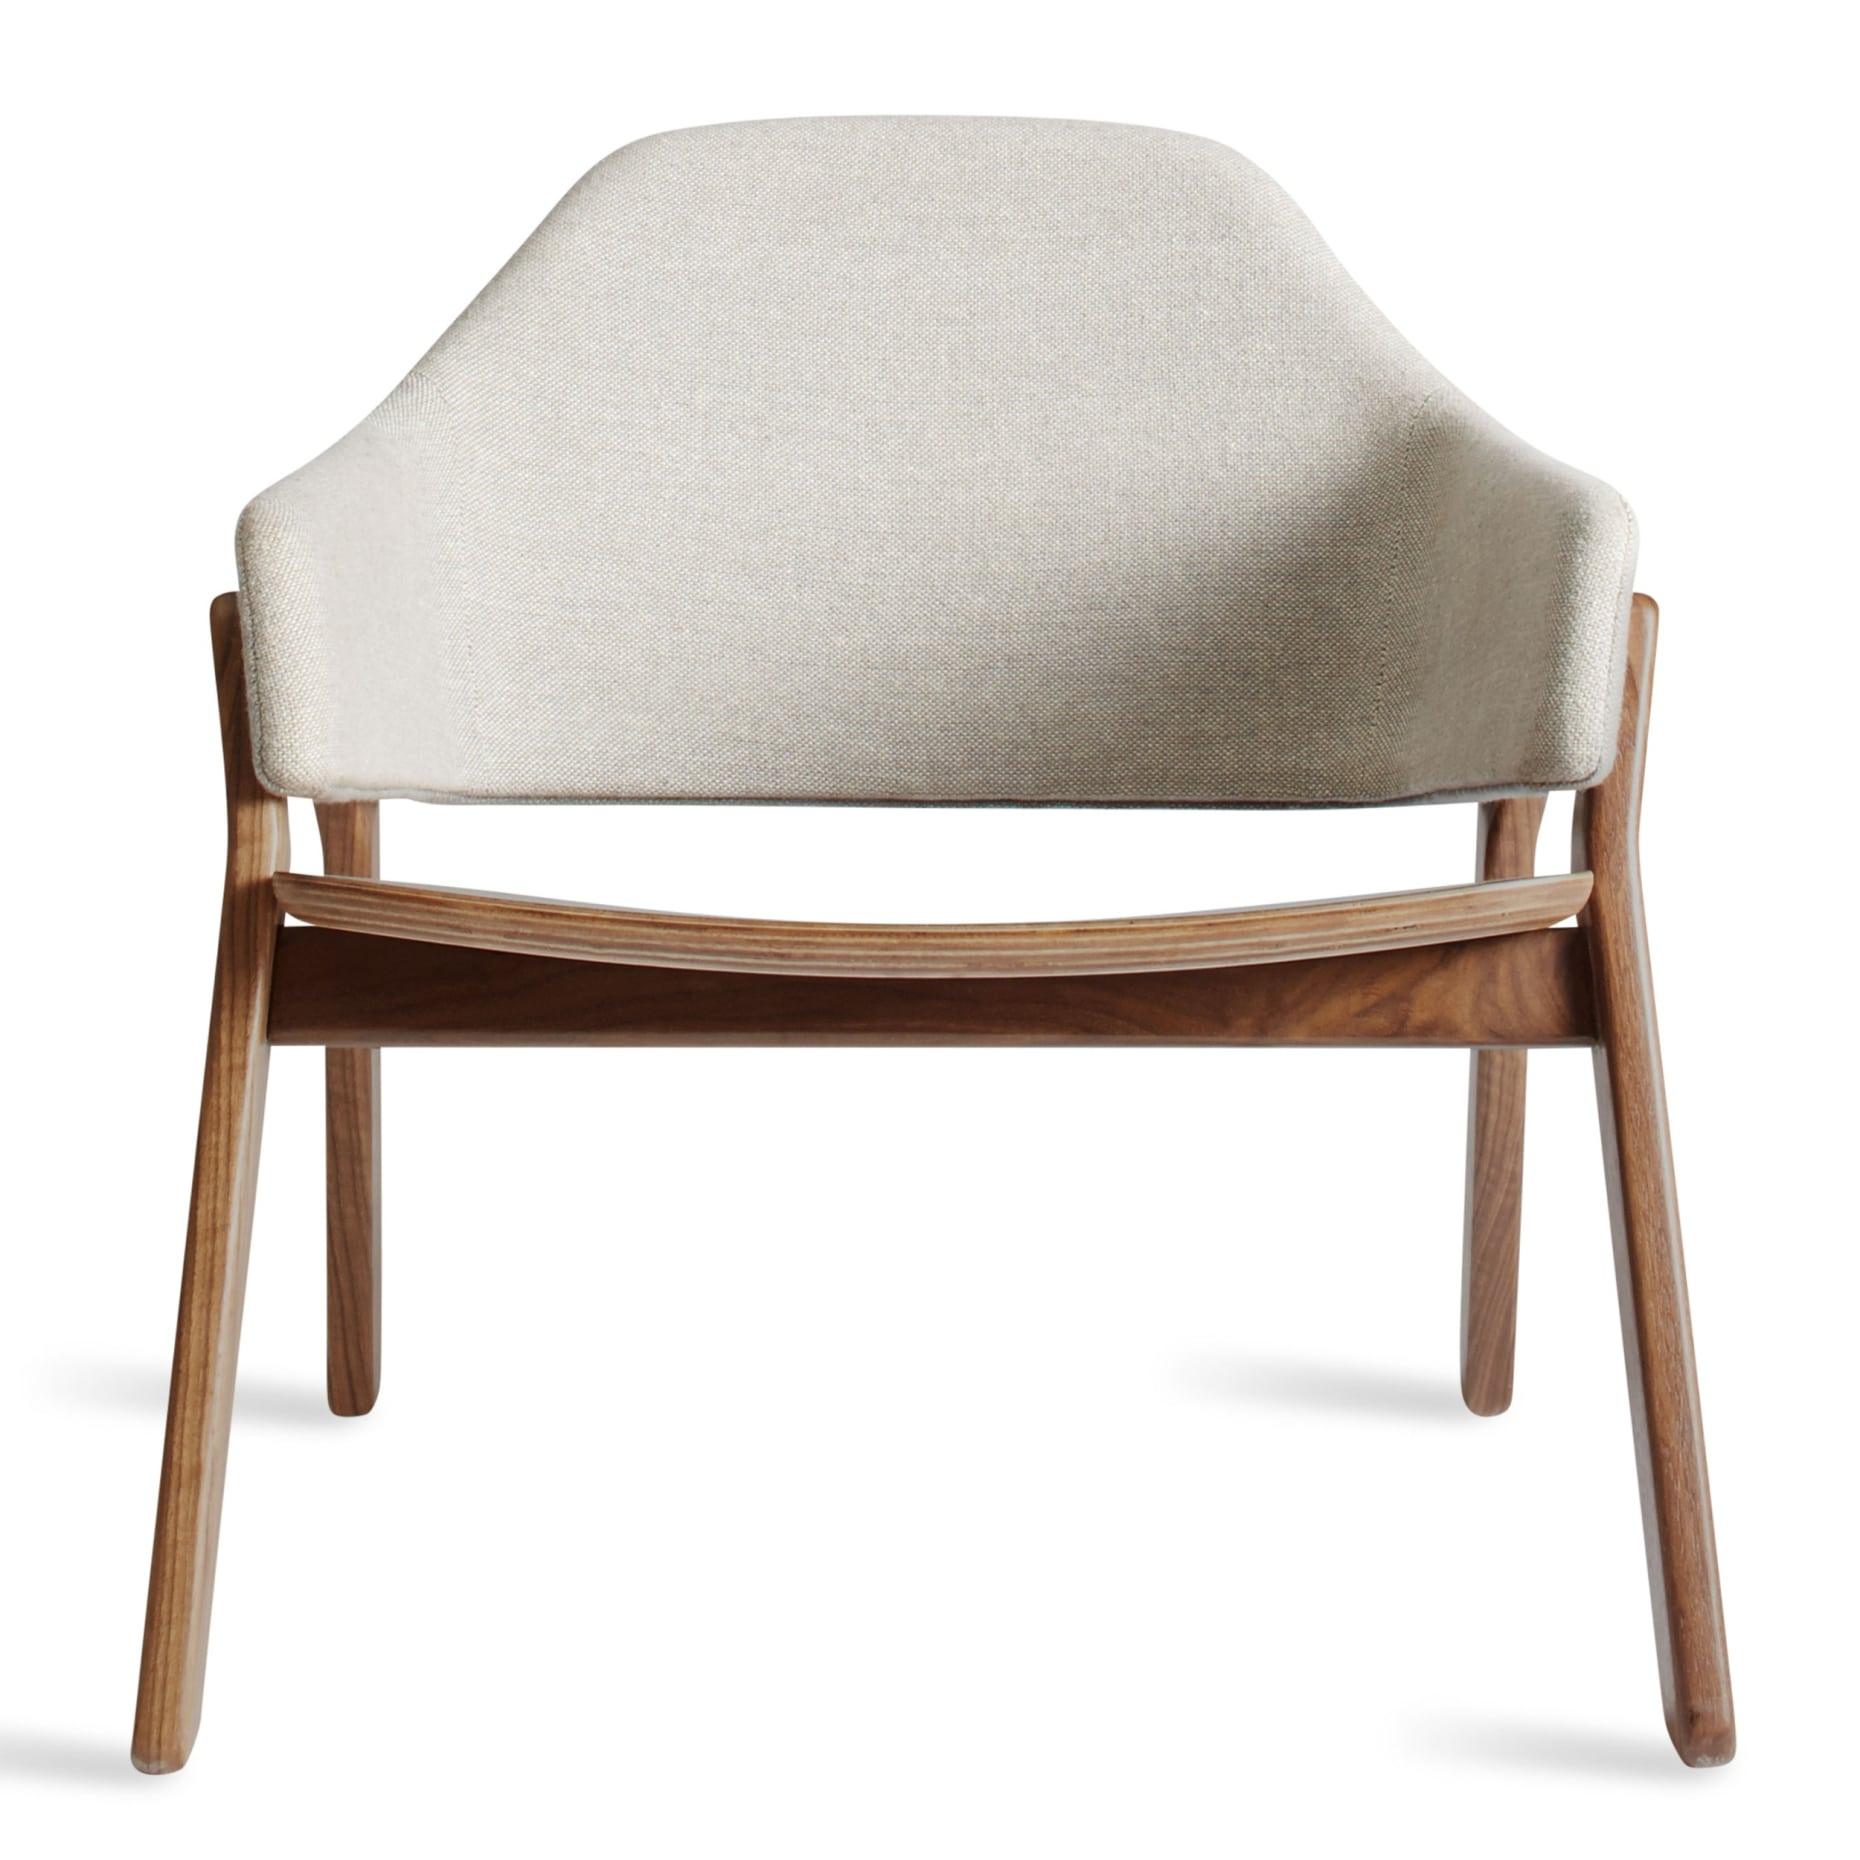 cc1 lngwal gy front clutch lounge chair edwards light grey walnut 1